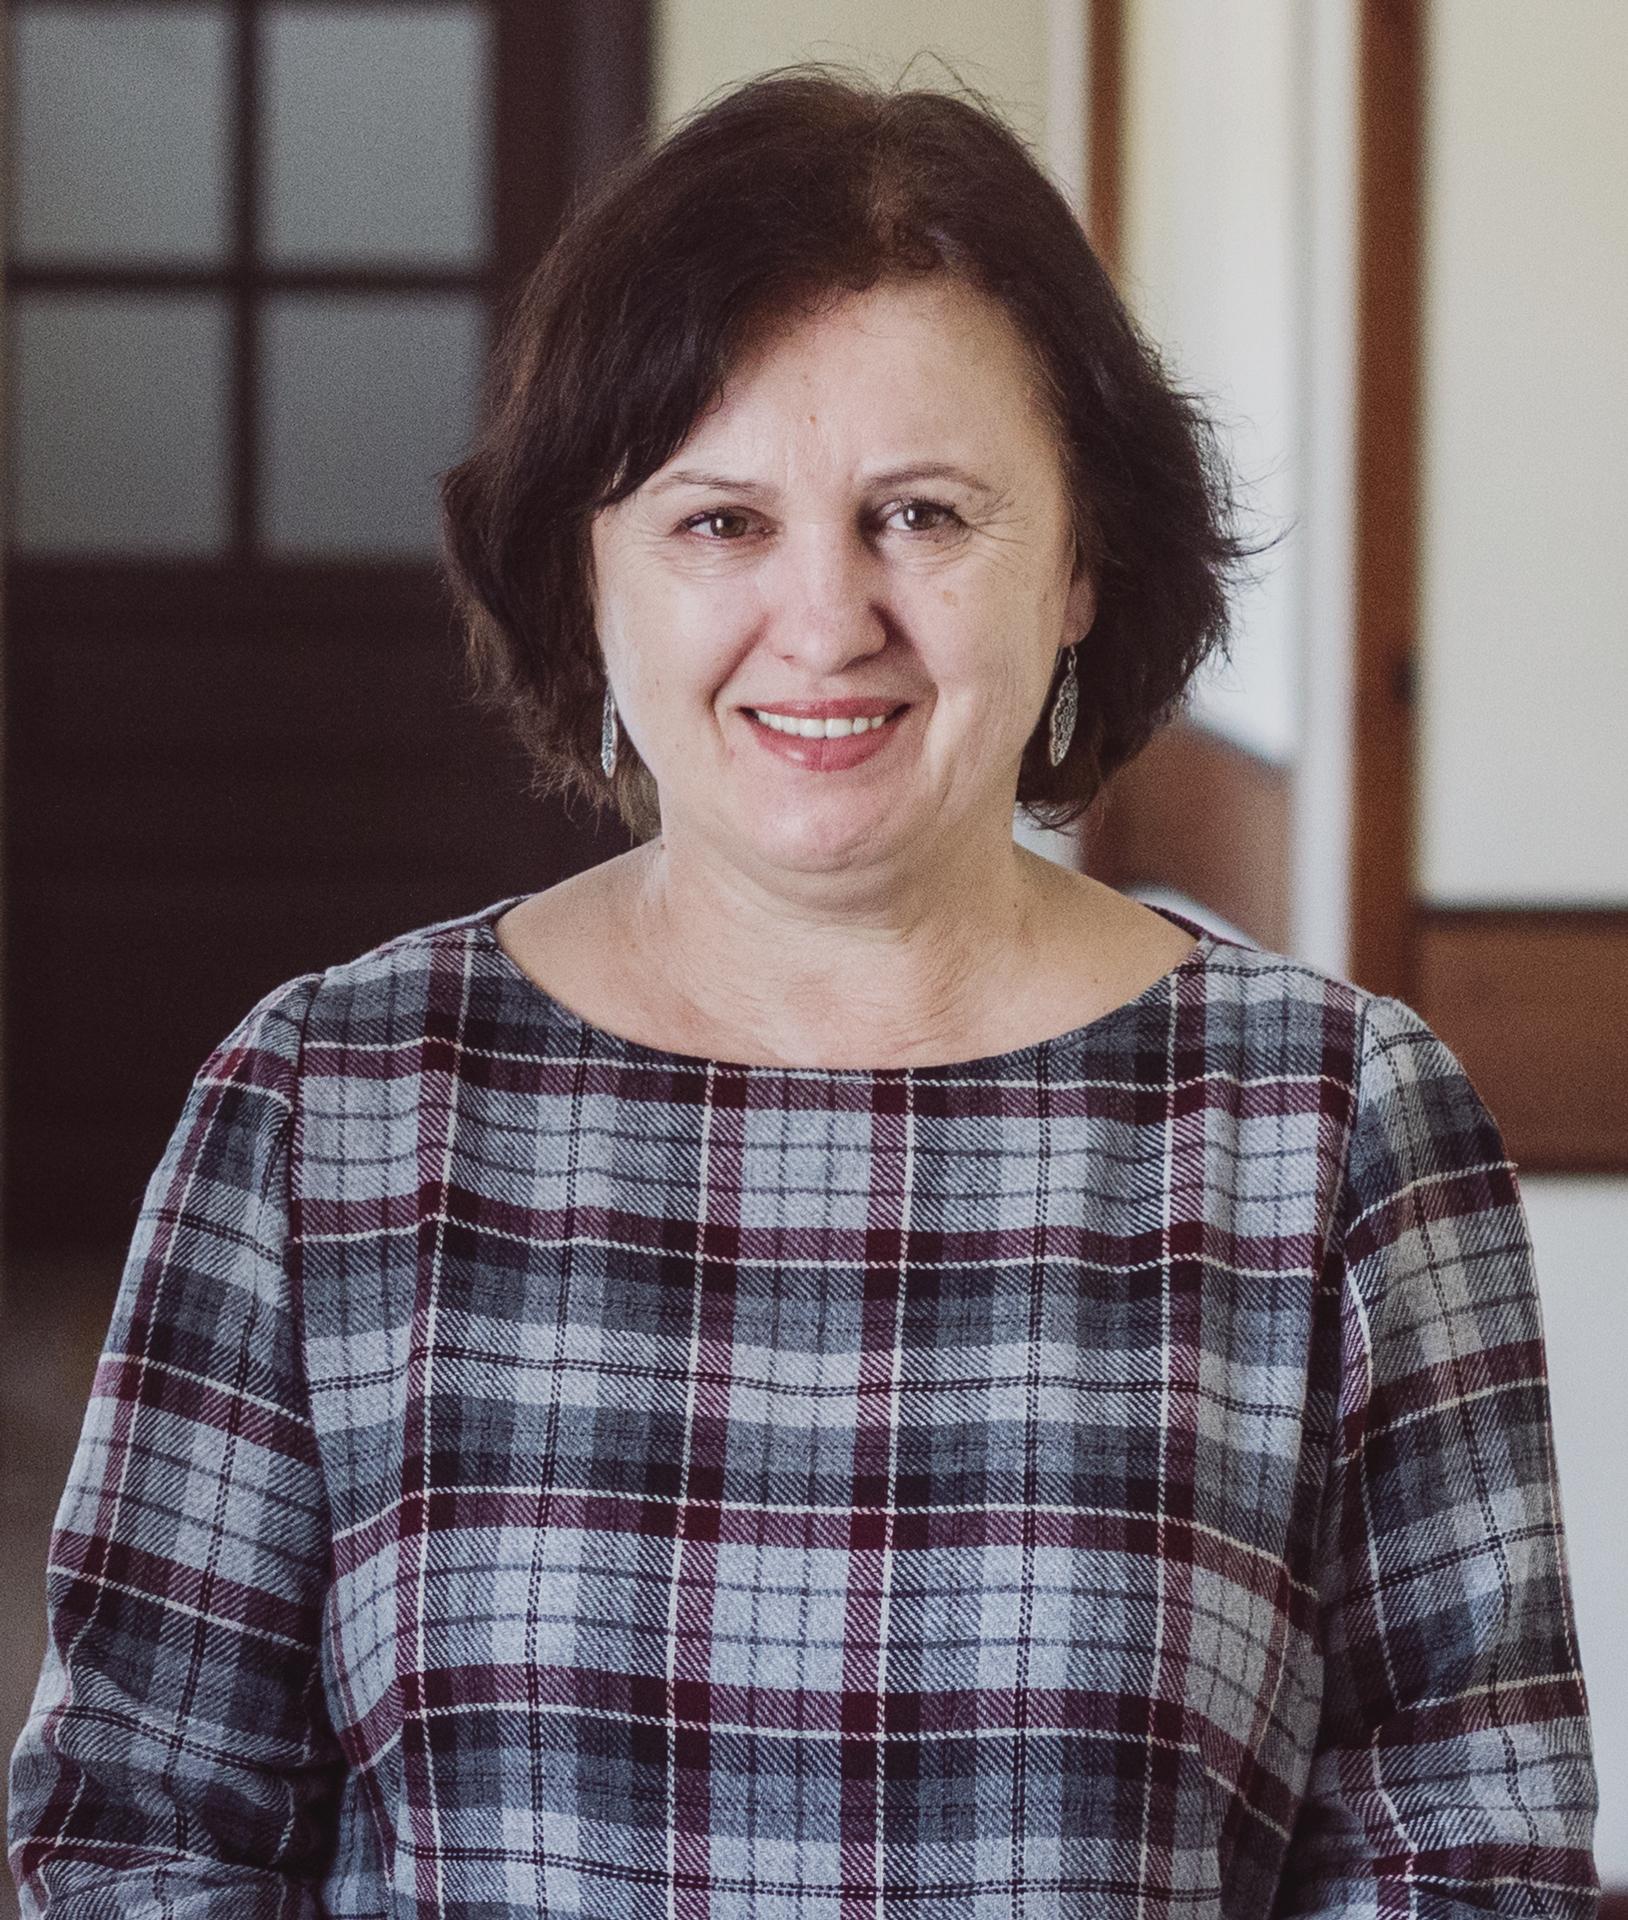 Vilniaus universiteto Bendrosios psichologijos katedros docentė psichologė Laima Bulotaitė. (V. Jadzgeviciaus nuotr.)